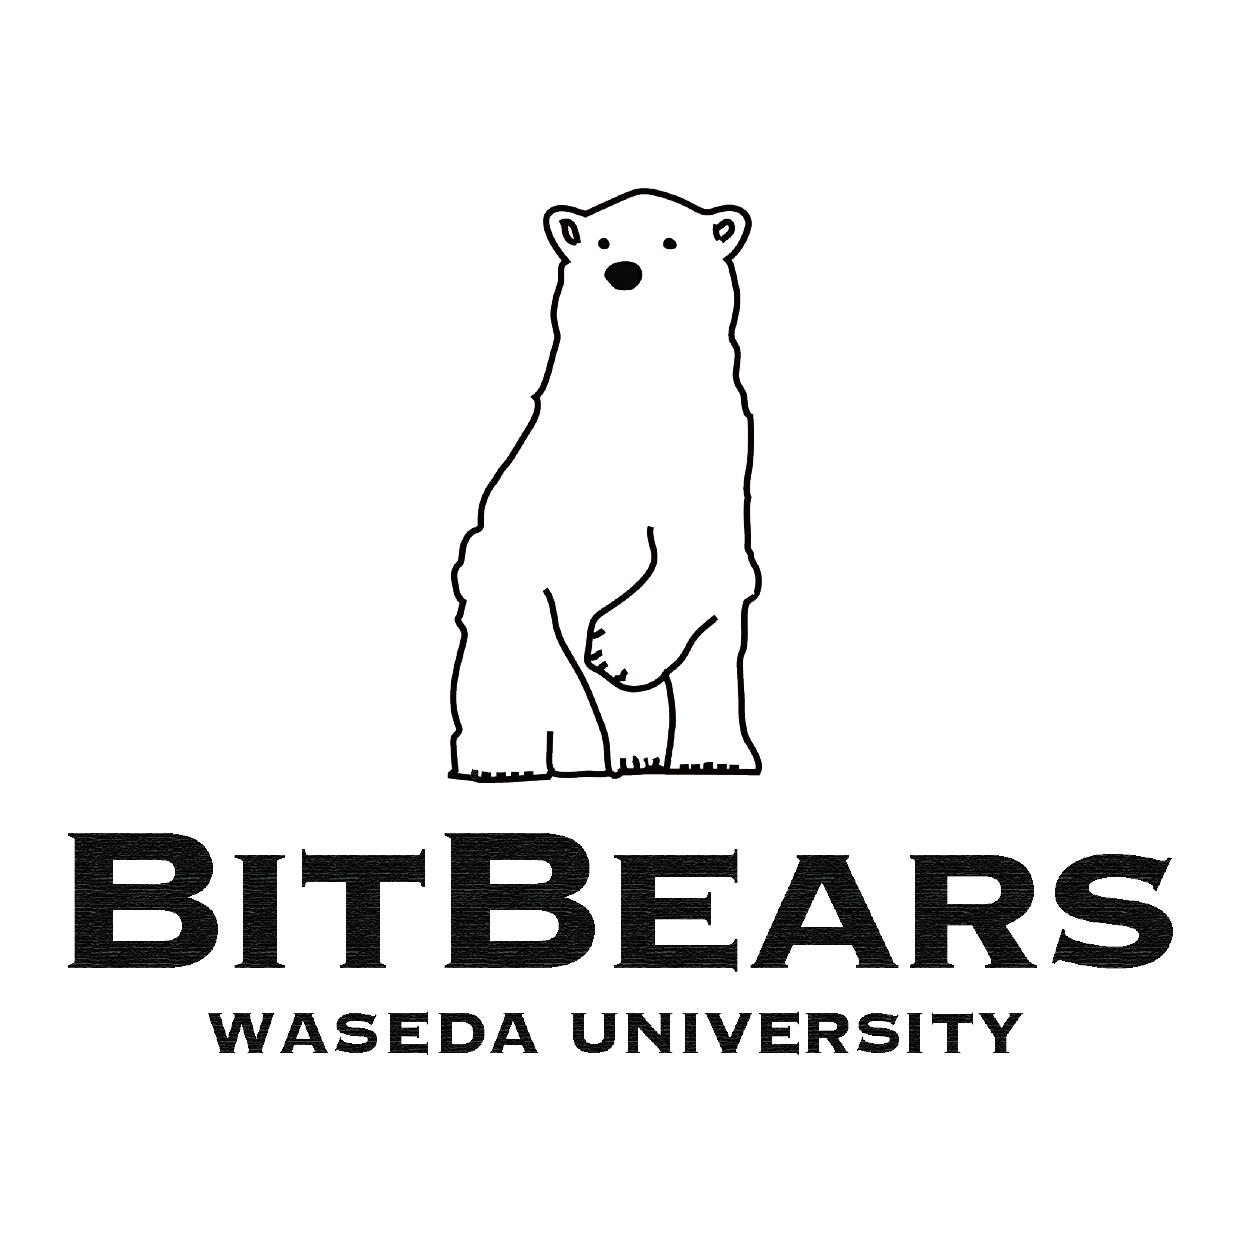 BitBears waseda university ロゴ